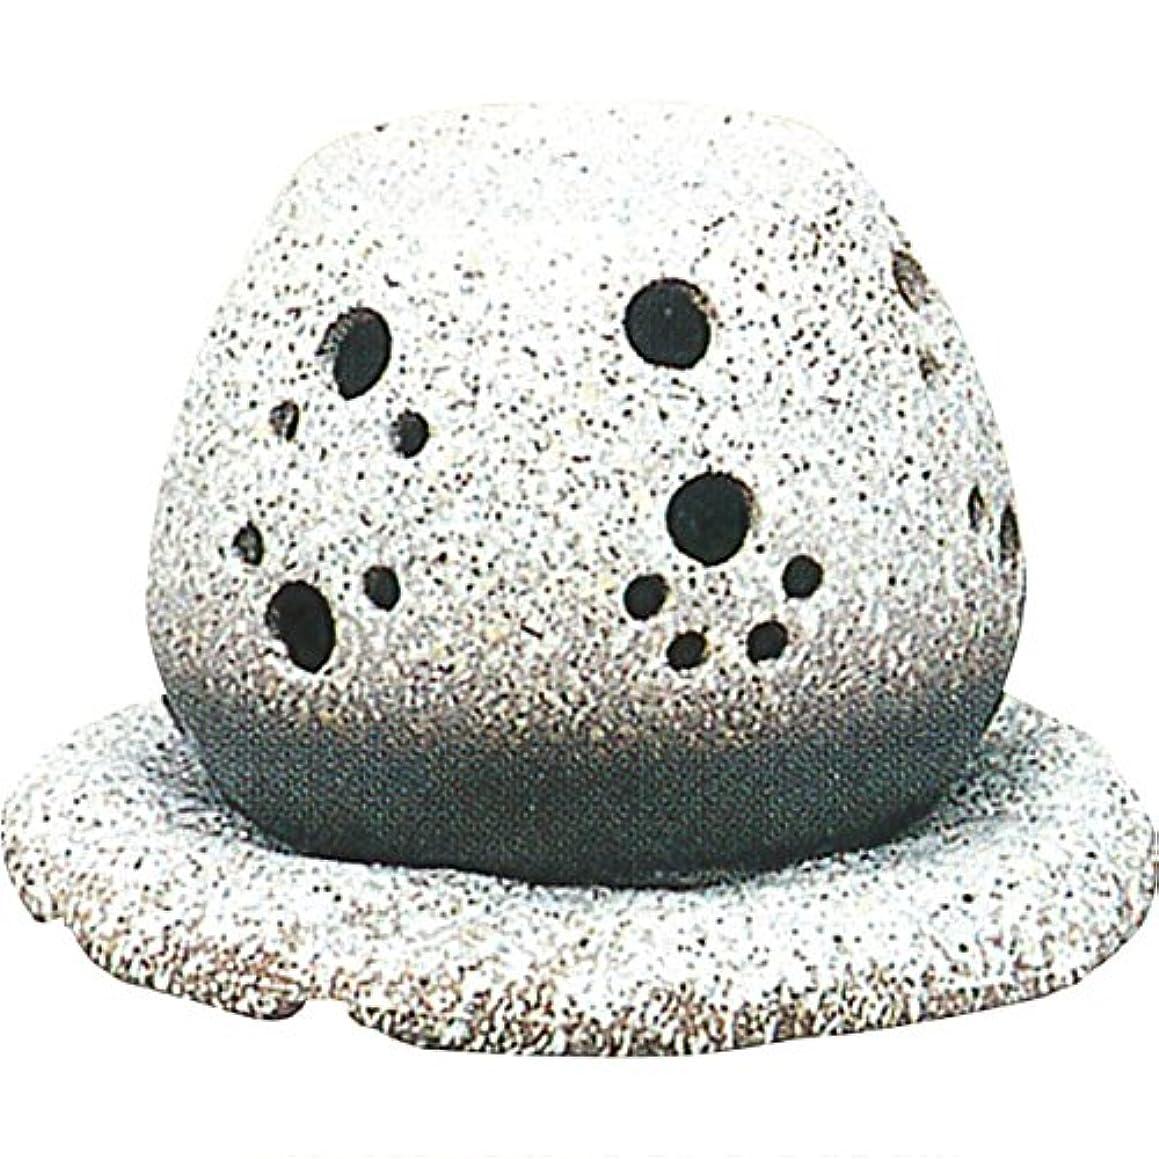 スペルスラダム自分のために茶香炉 : 常滑焼 山房窯 ロウソクタイプ茶香炉 (白皿付?ロウソク1ヶ付)?ル35-05